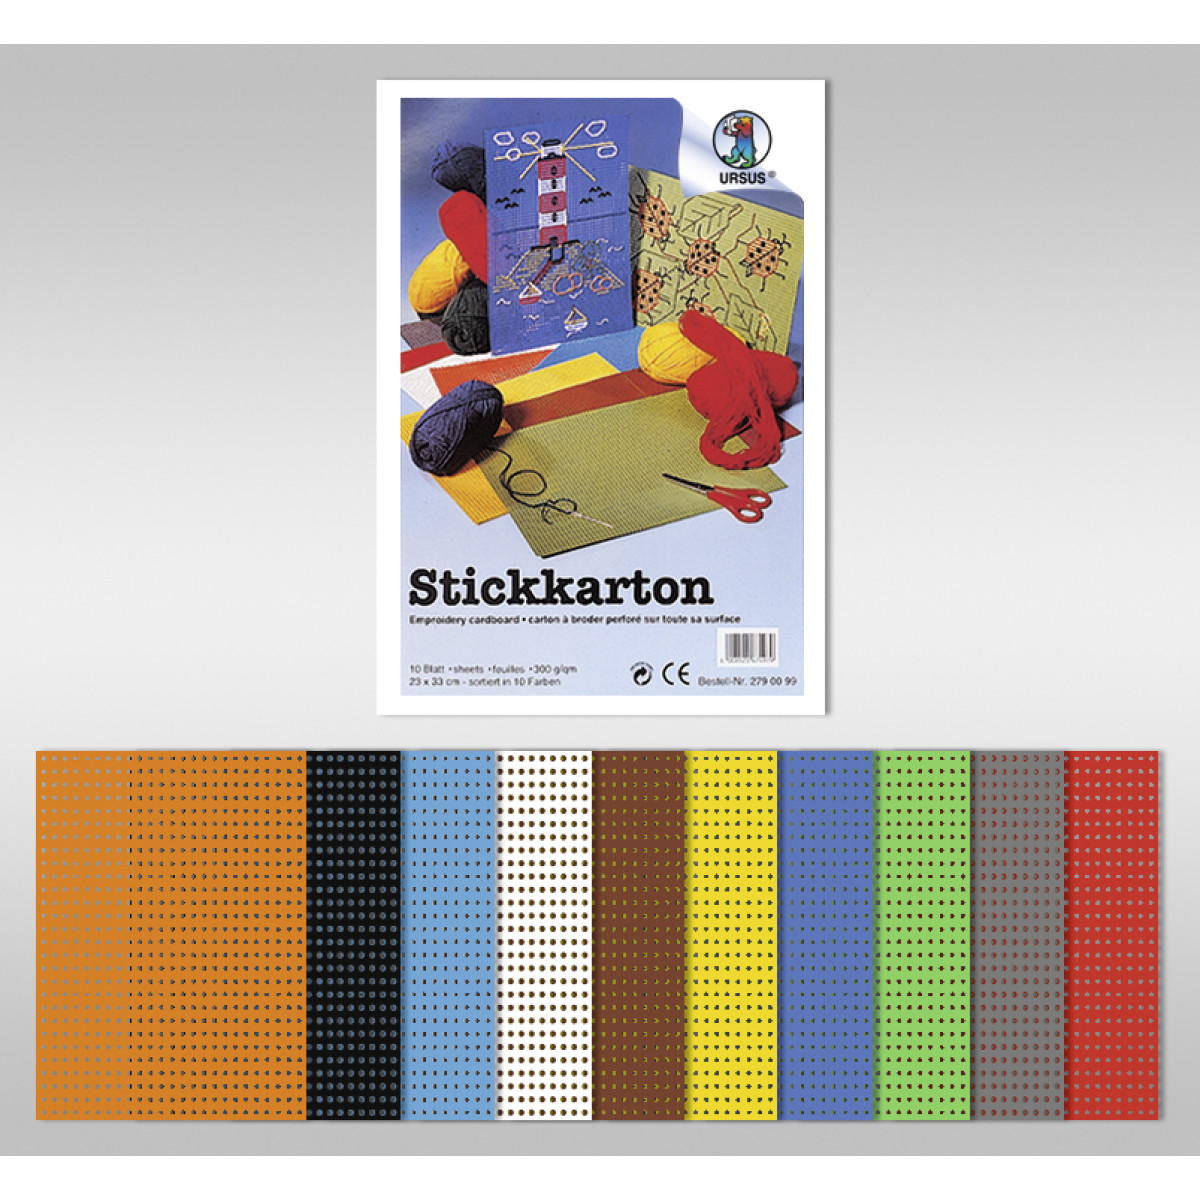 Stickkarton 300 g/qm 23 x 33 cm - 10 Blatt sortiert